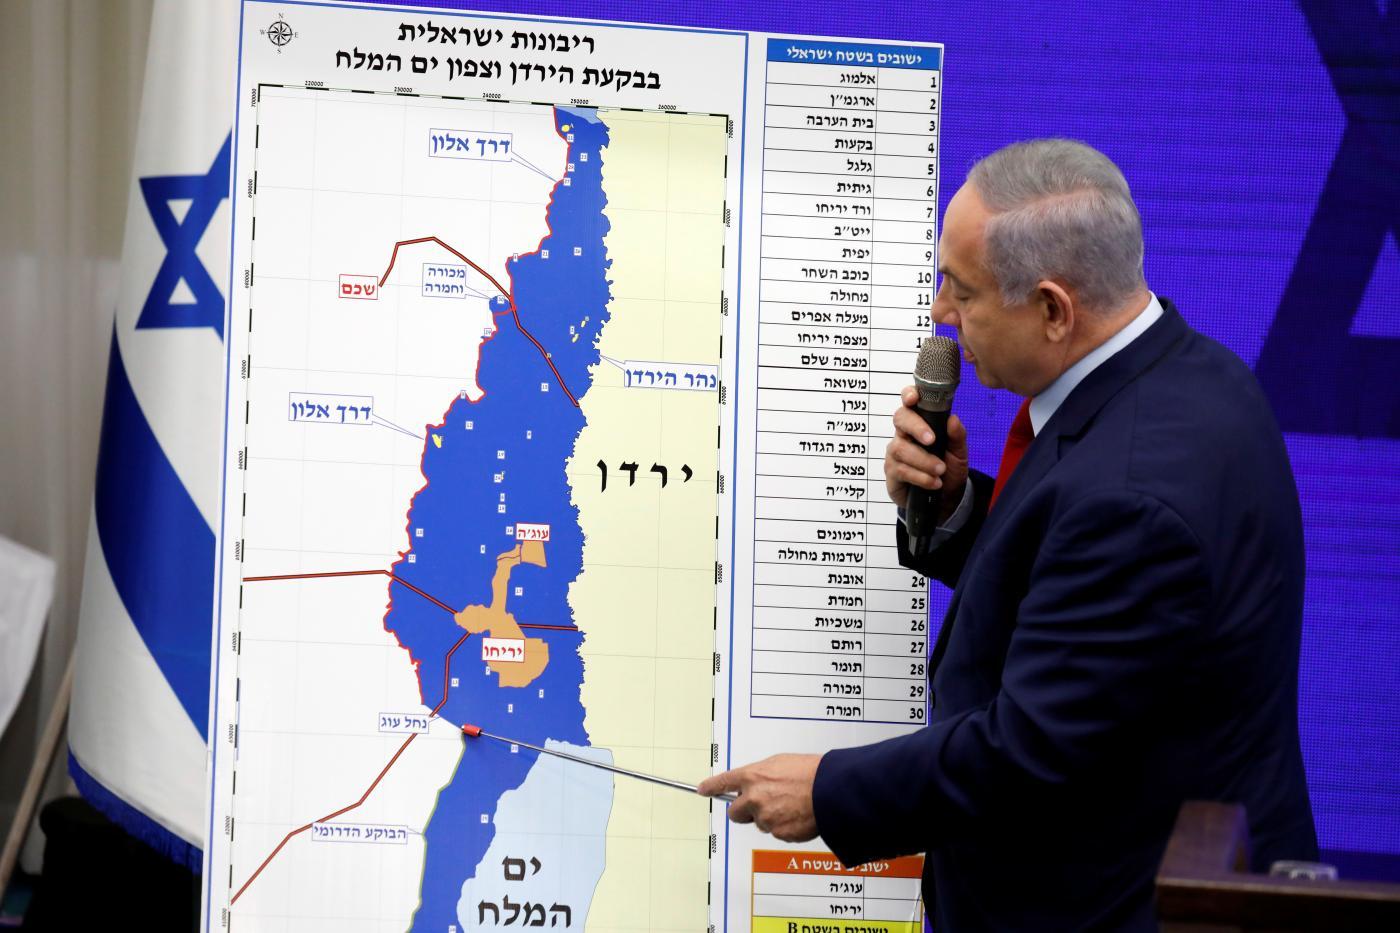 Netanyahu promette di annettere Cisgiordania se rieletto